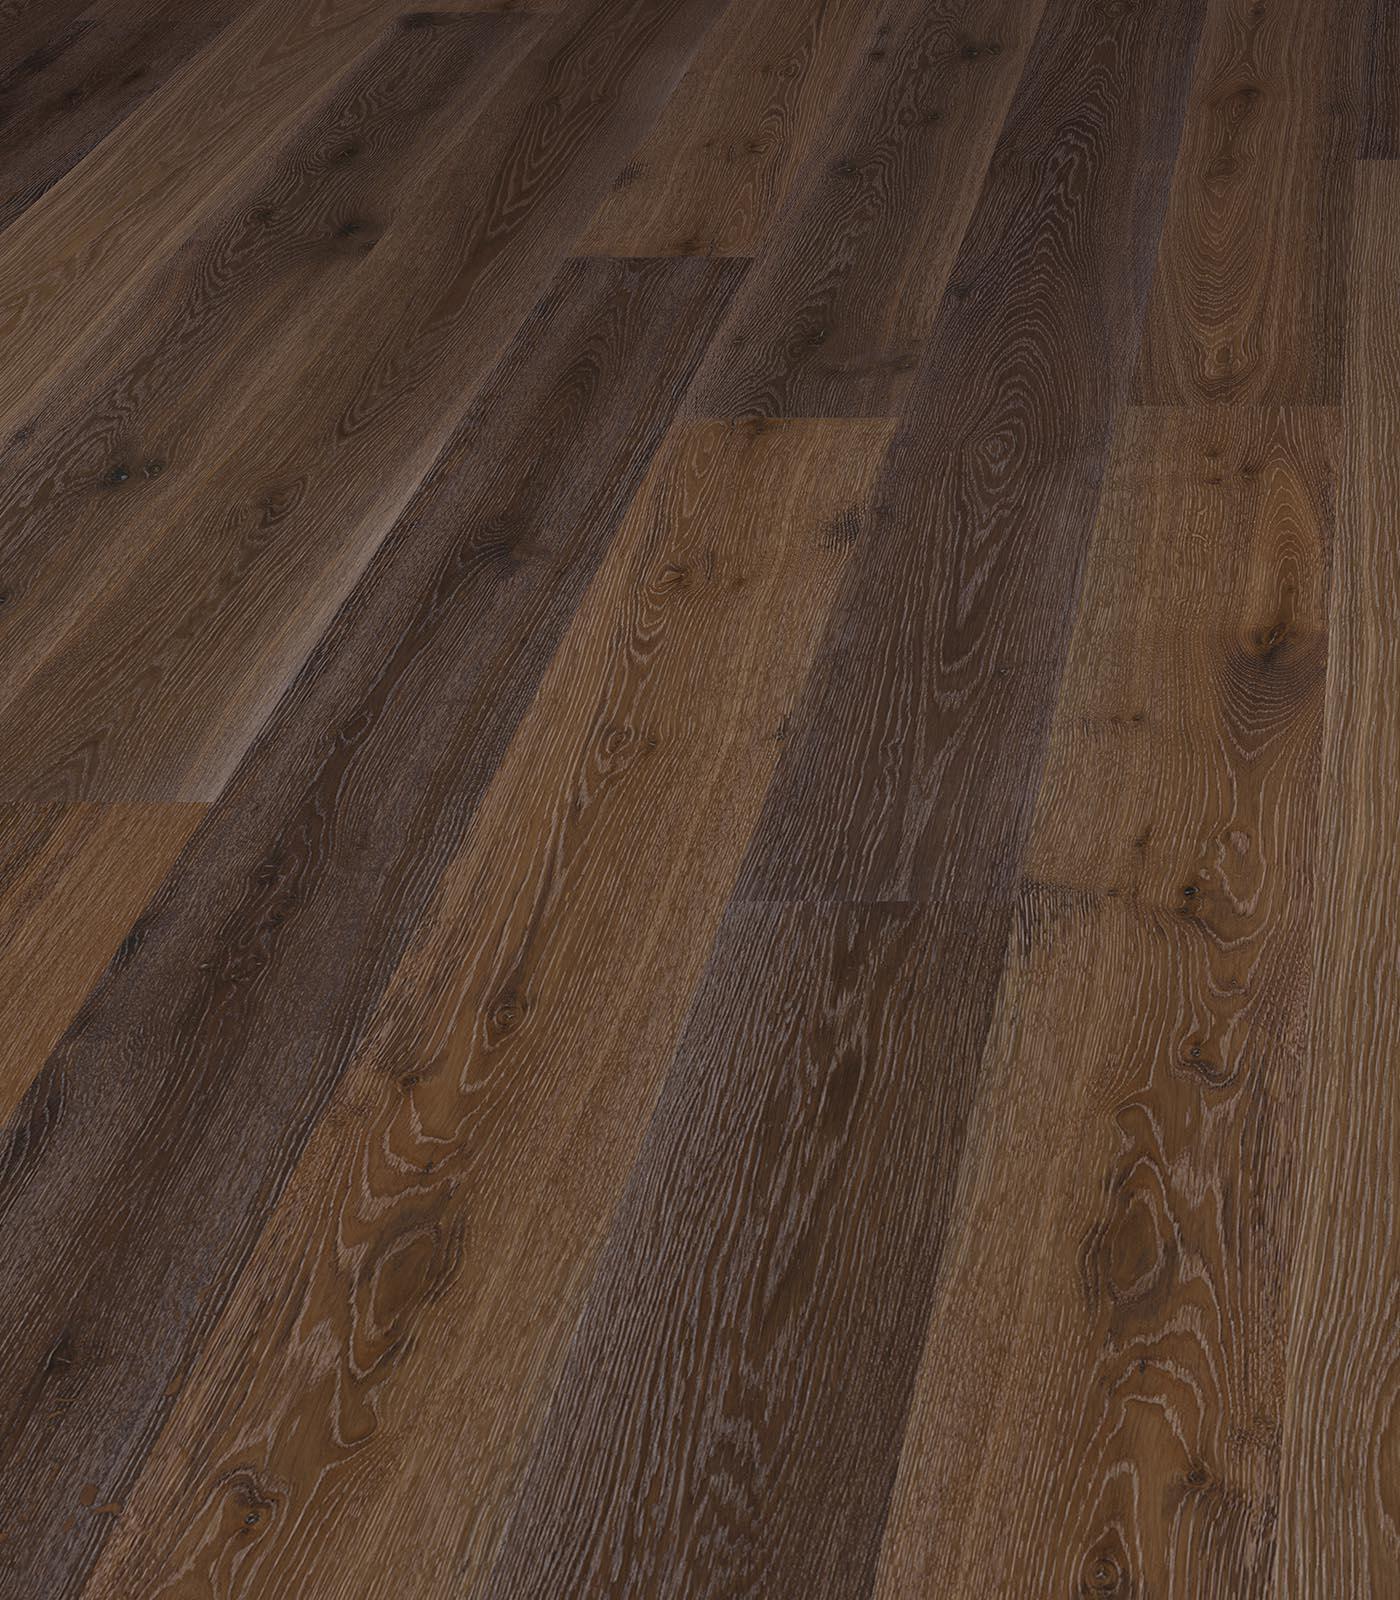 Laurentians-European engineered floors Oak-angle